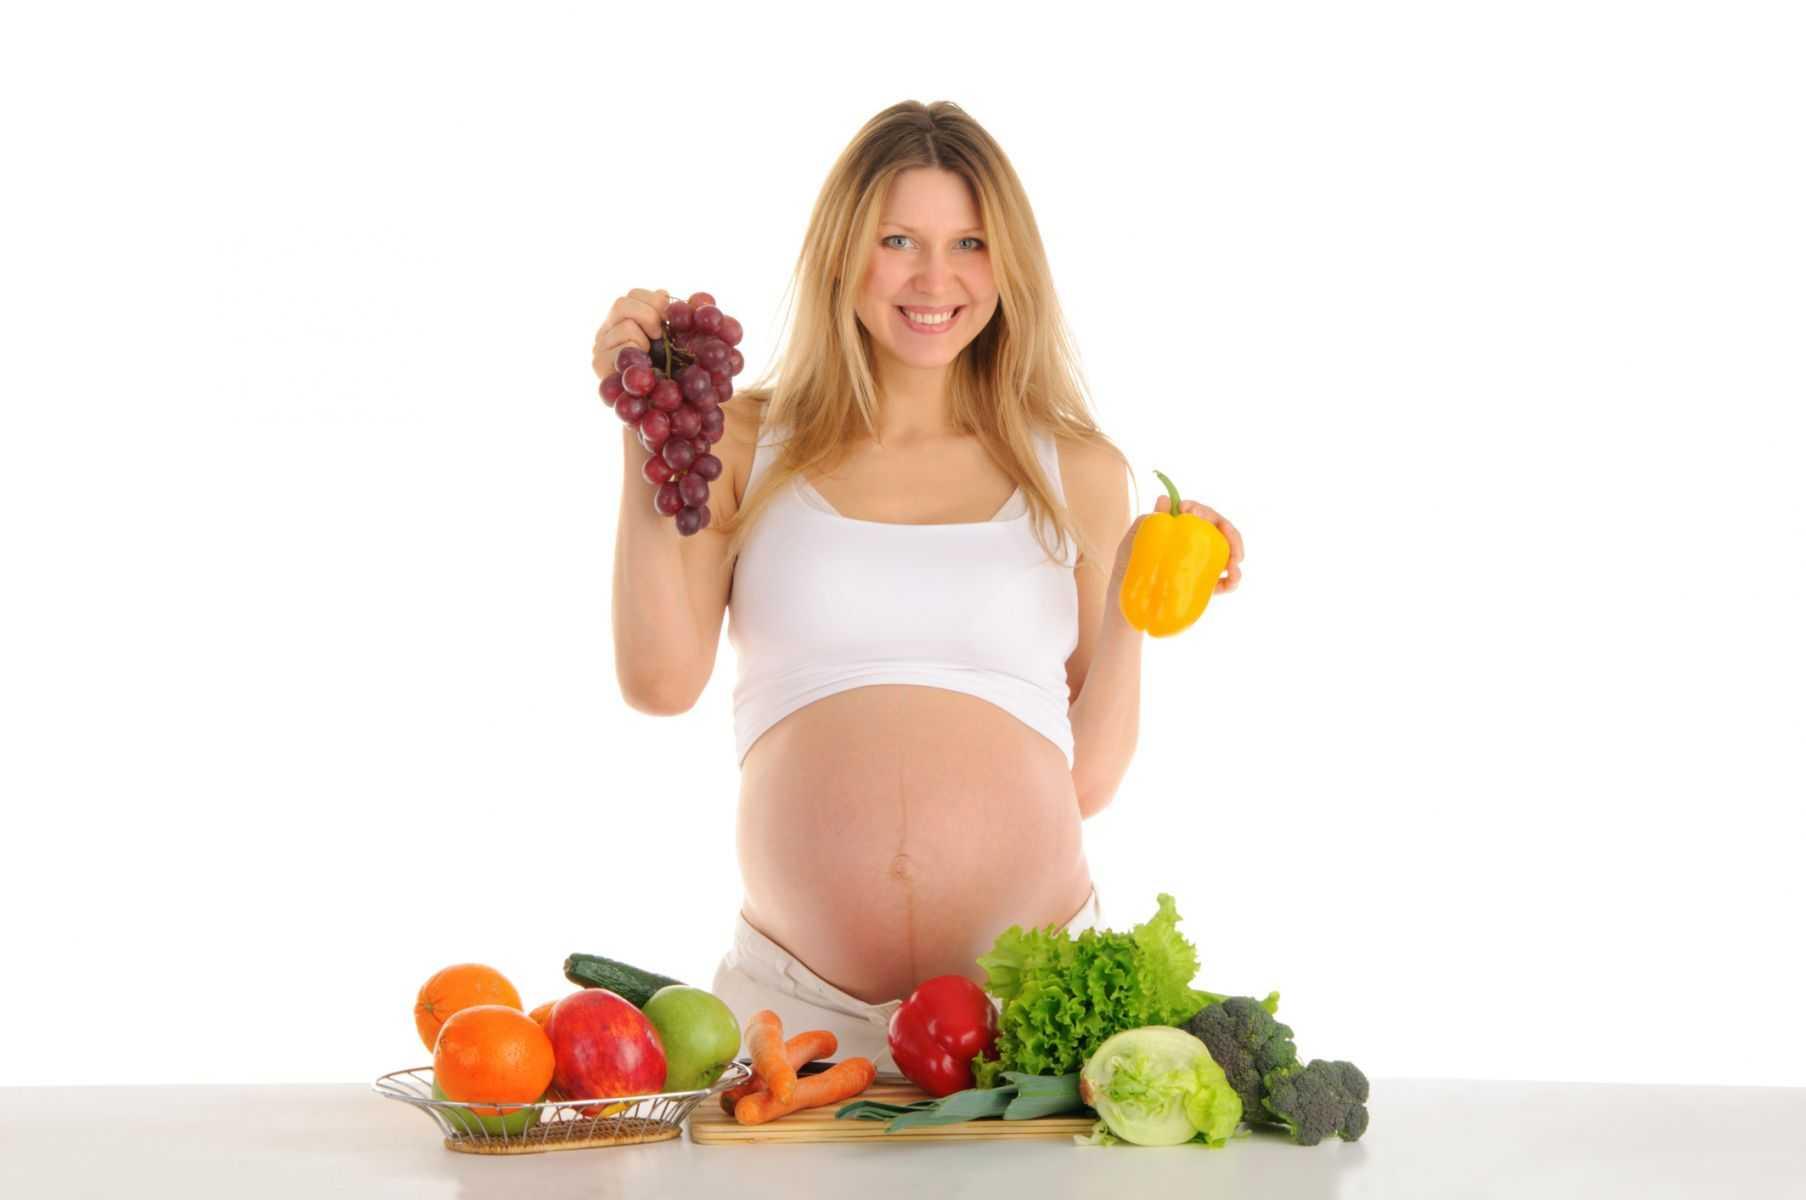 Меню для беременных на каждый день: диета и рацион правильного питания женщины